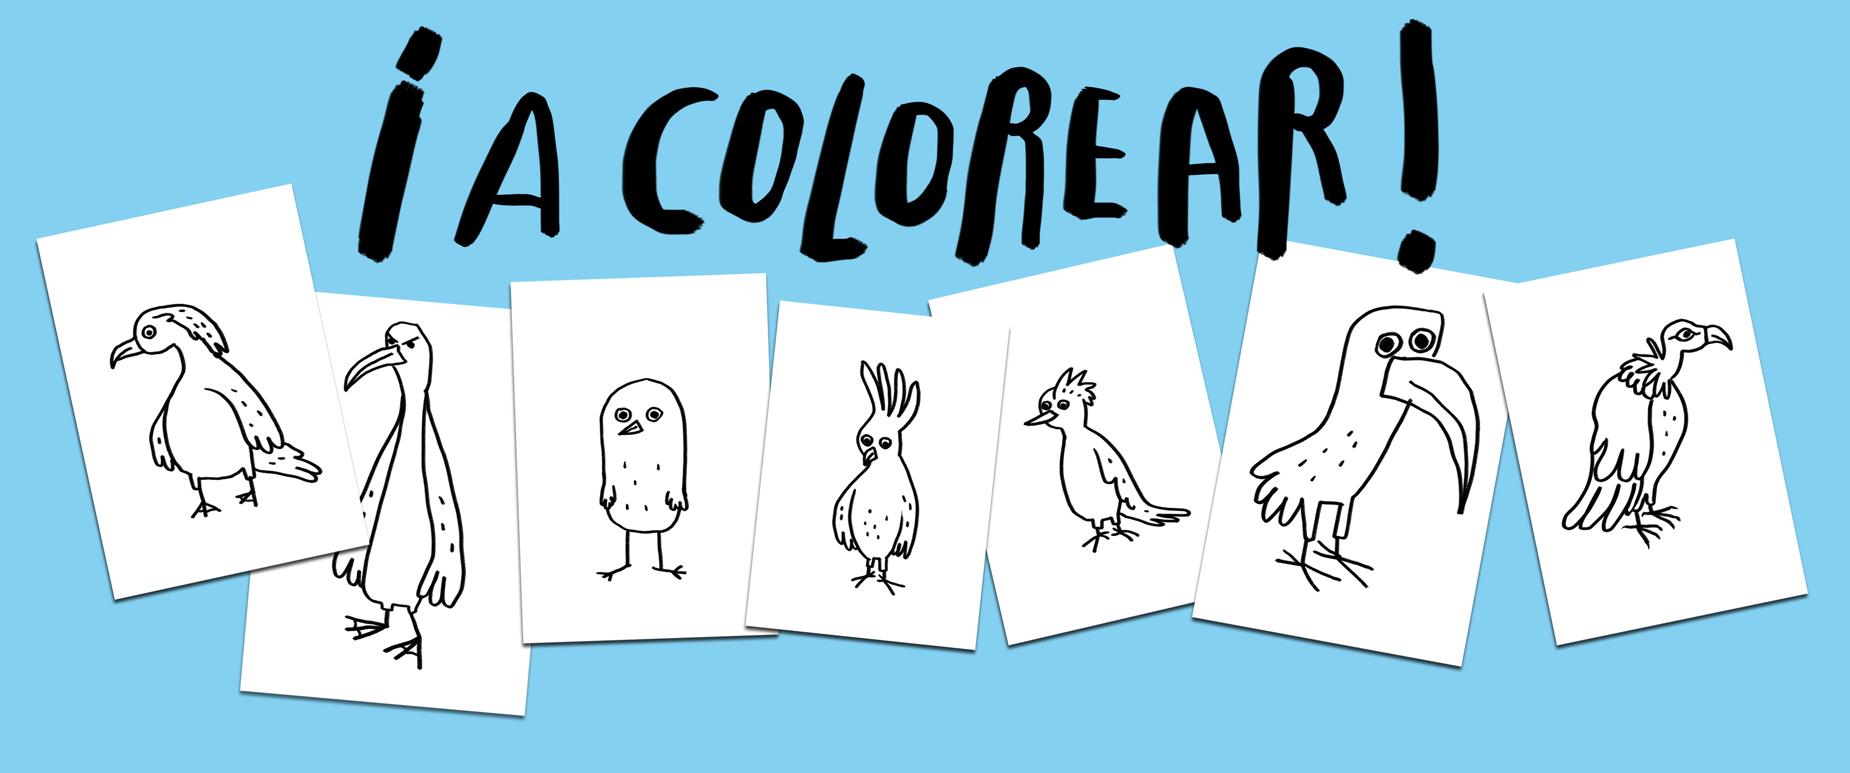 A colorear! – OLGA de DIOS